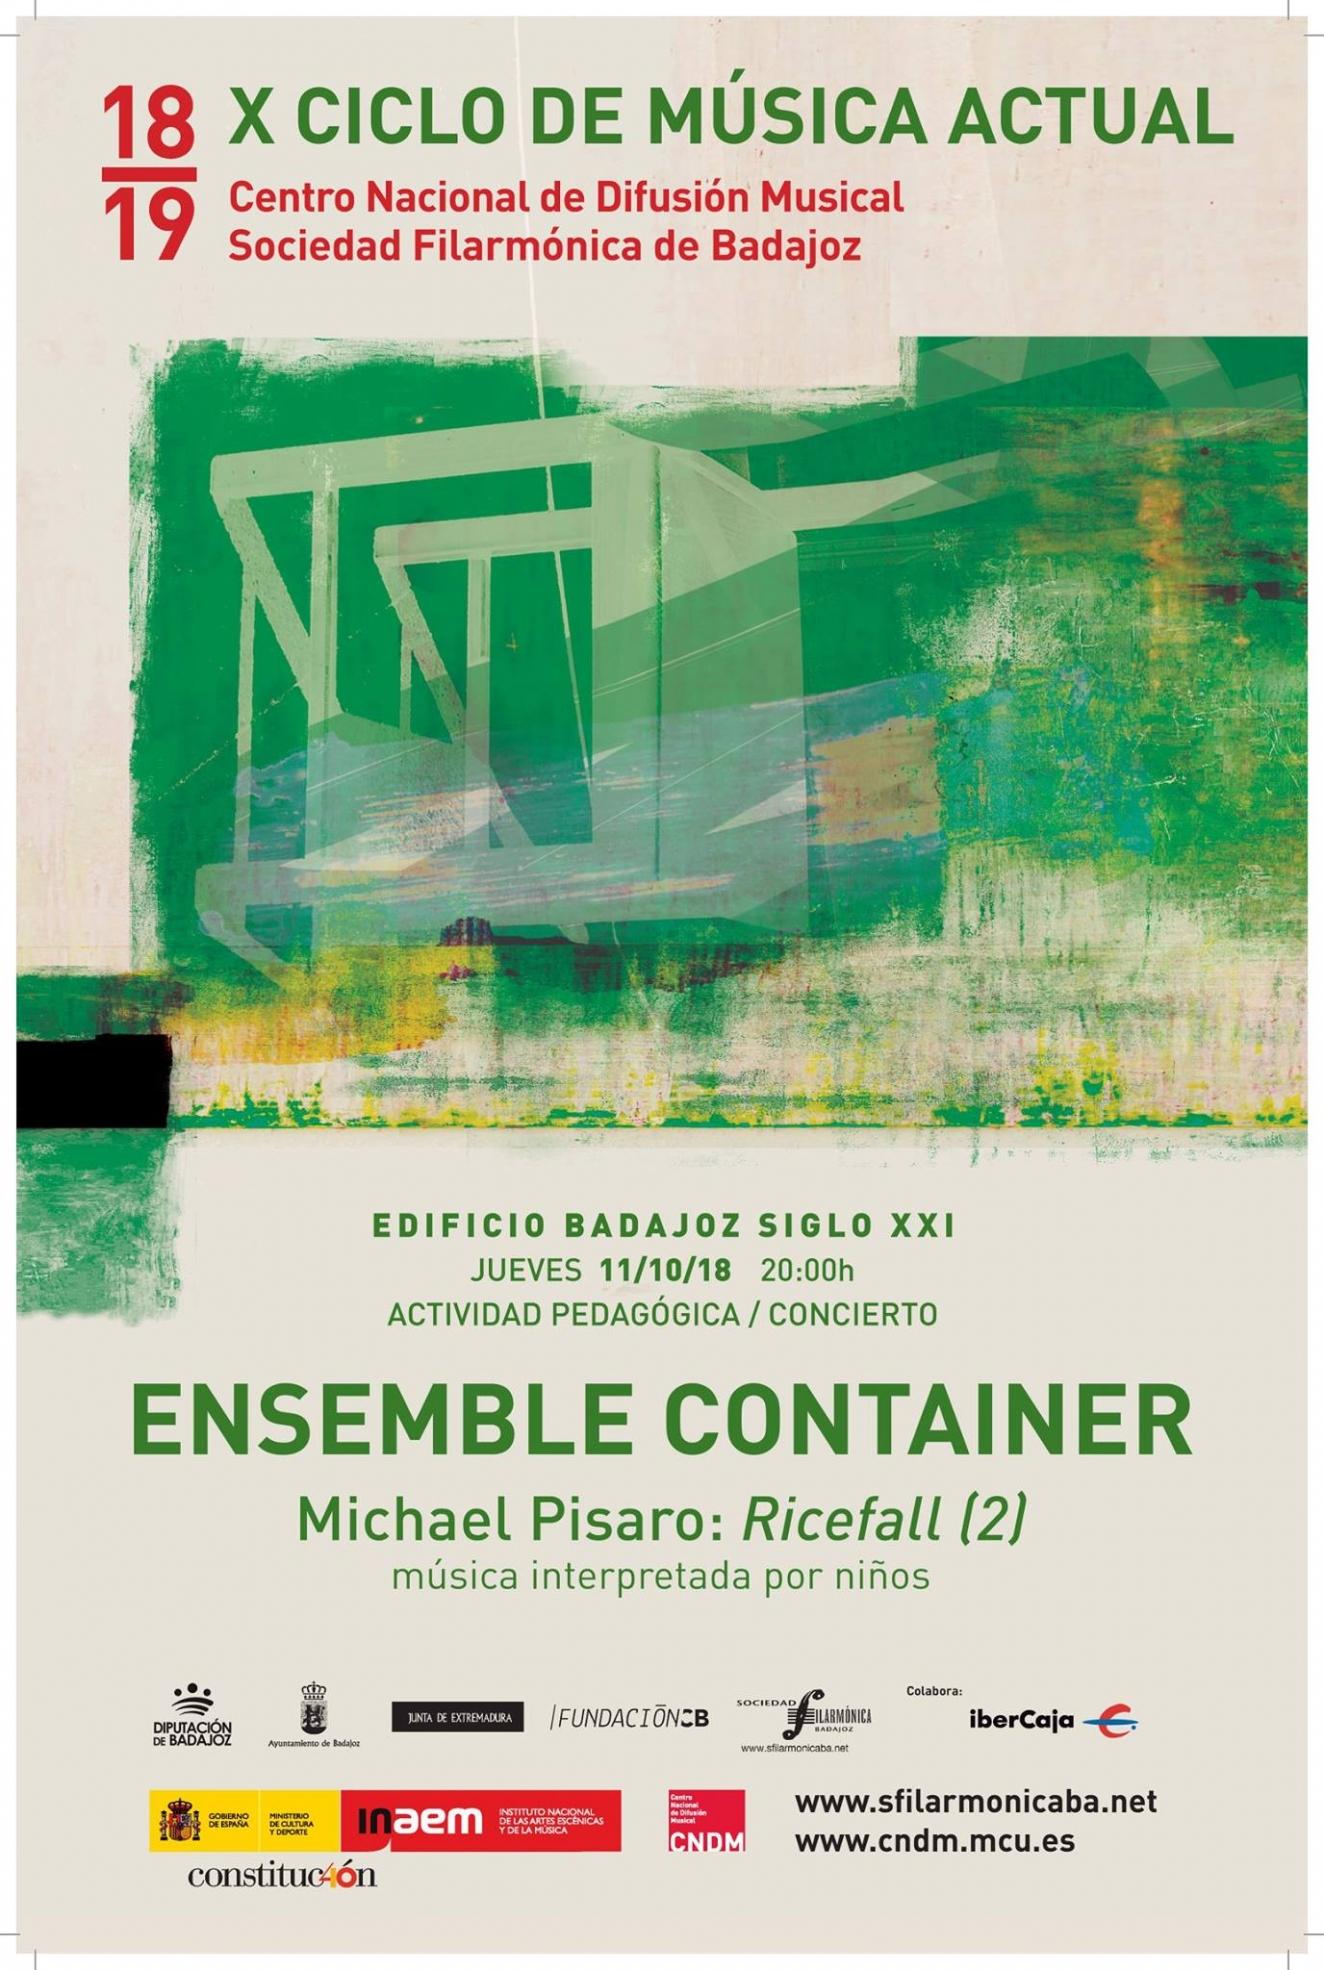 X Ciclo de Música actual || Ensamble container